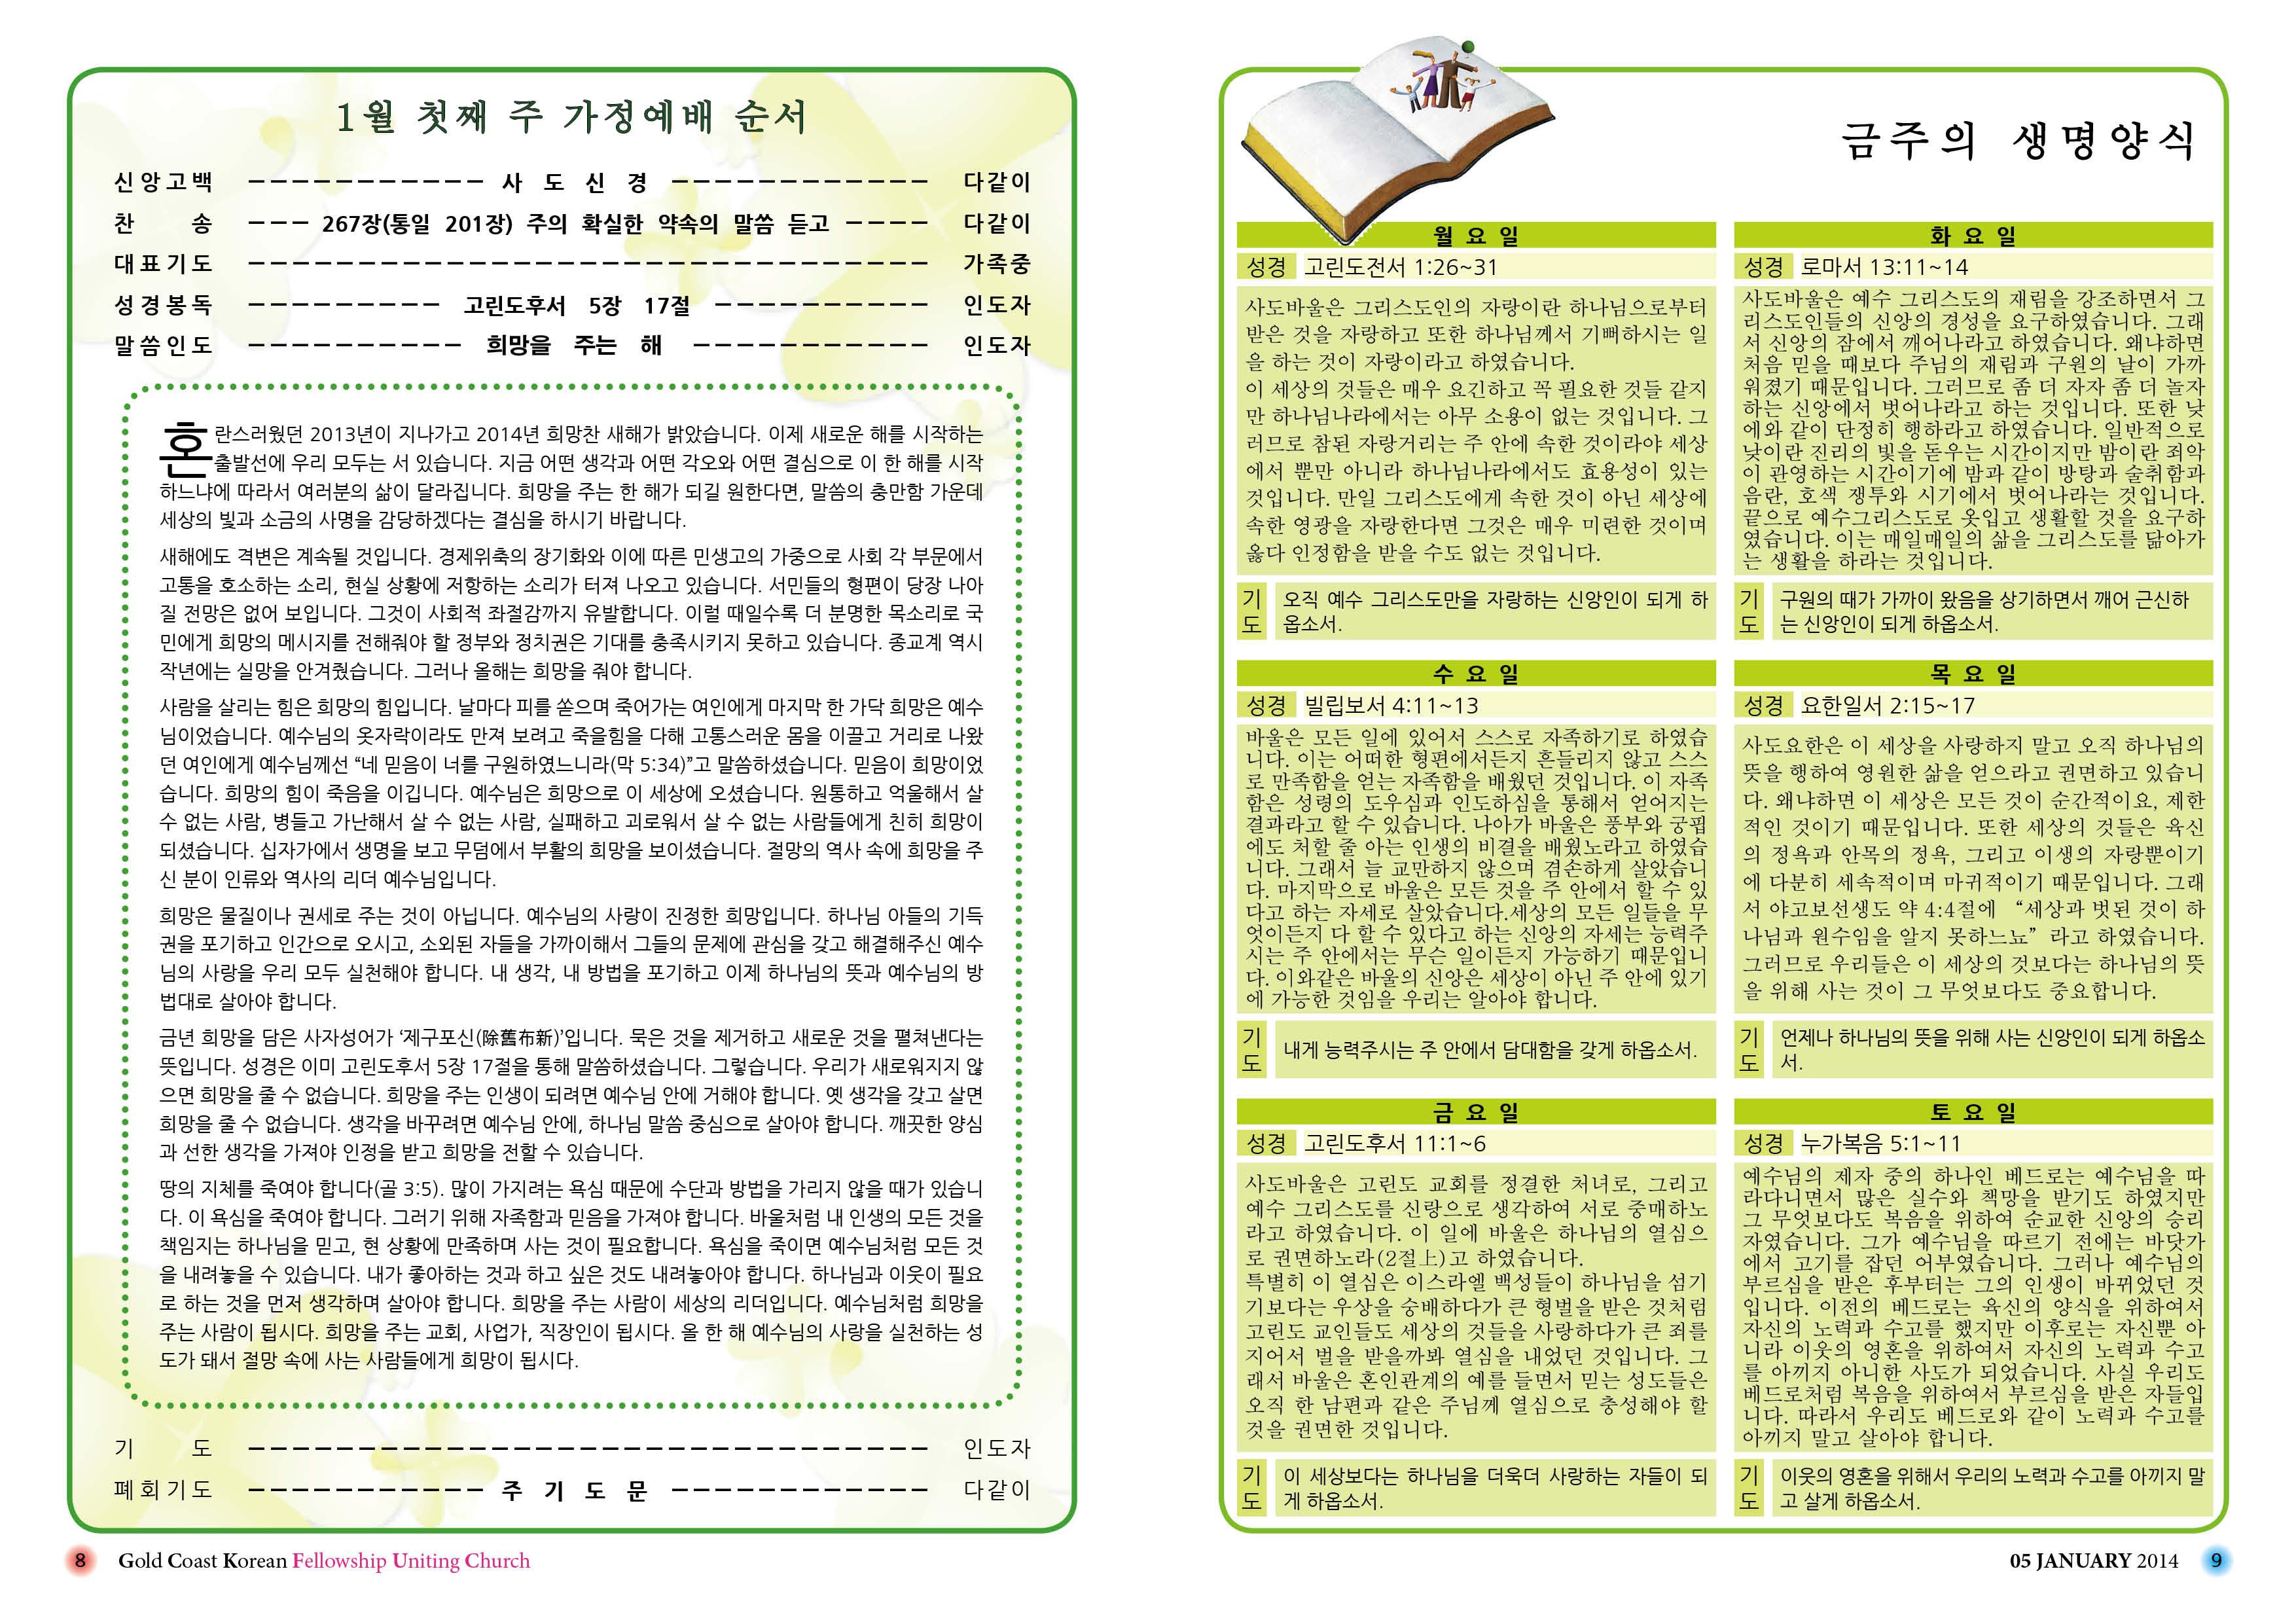 2014.01.05 주보 프린트(2차 수정)8.jpg